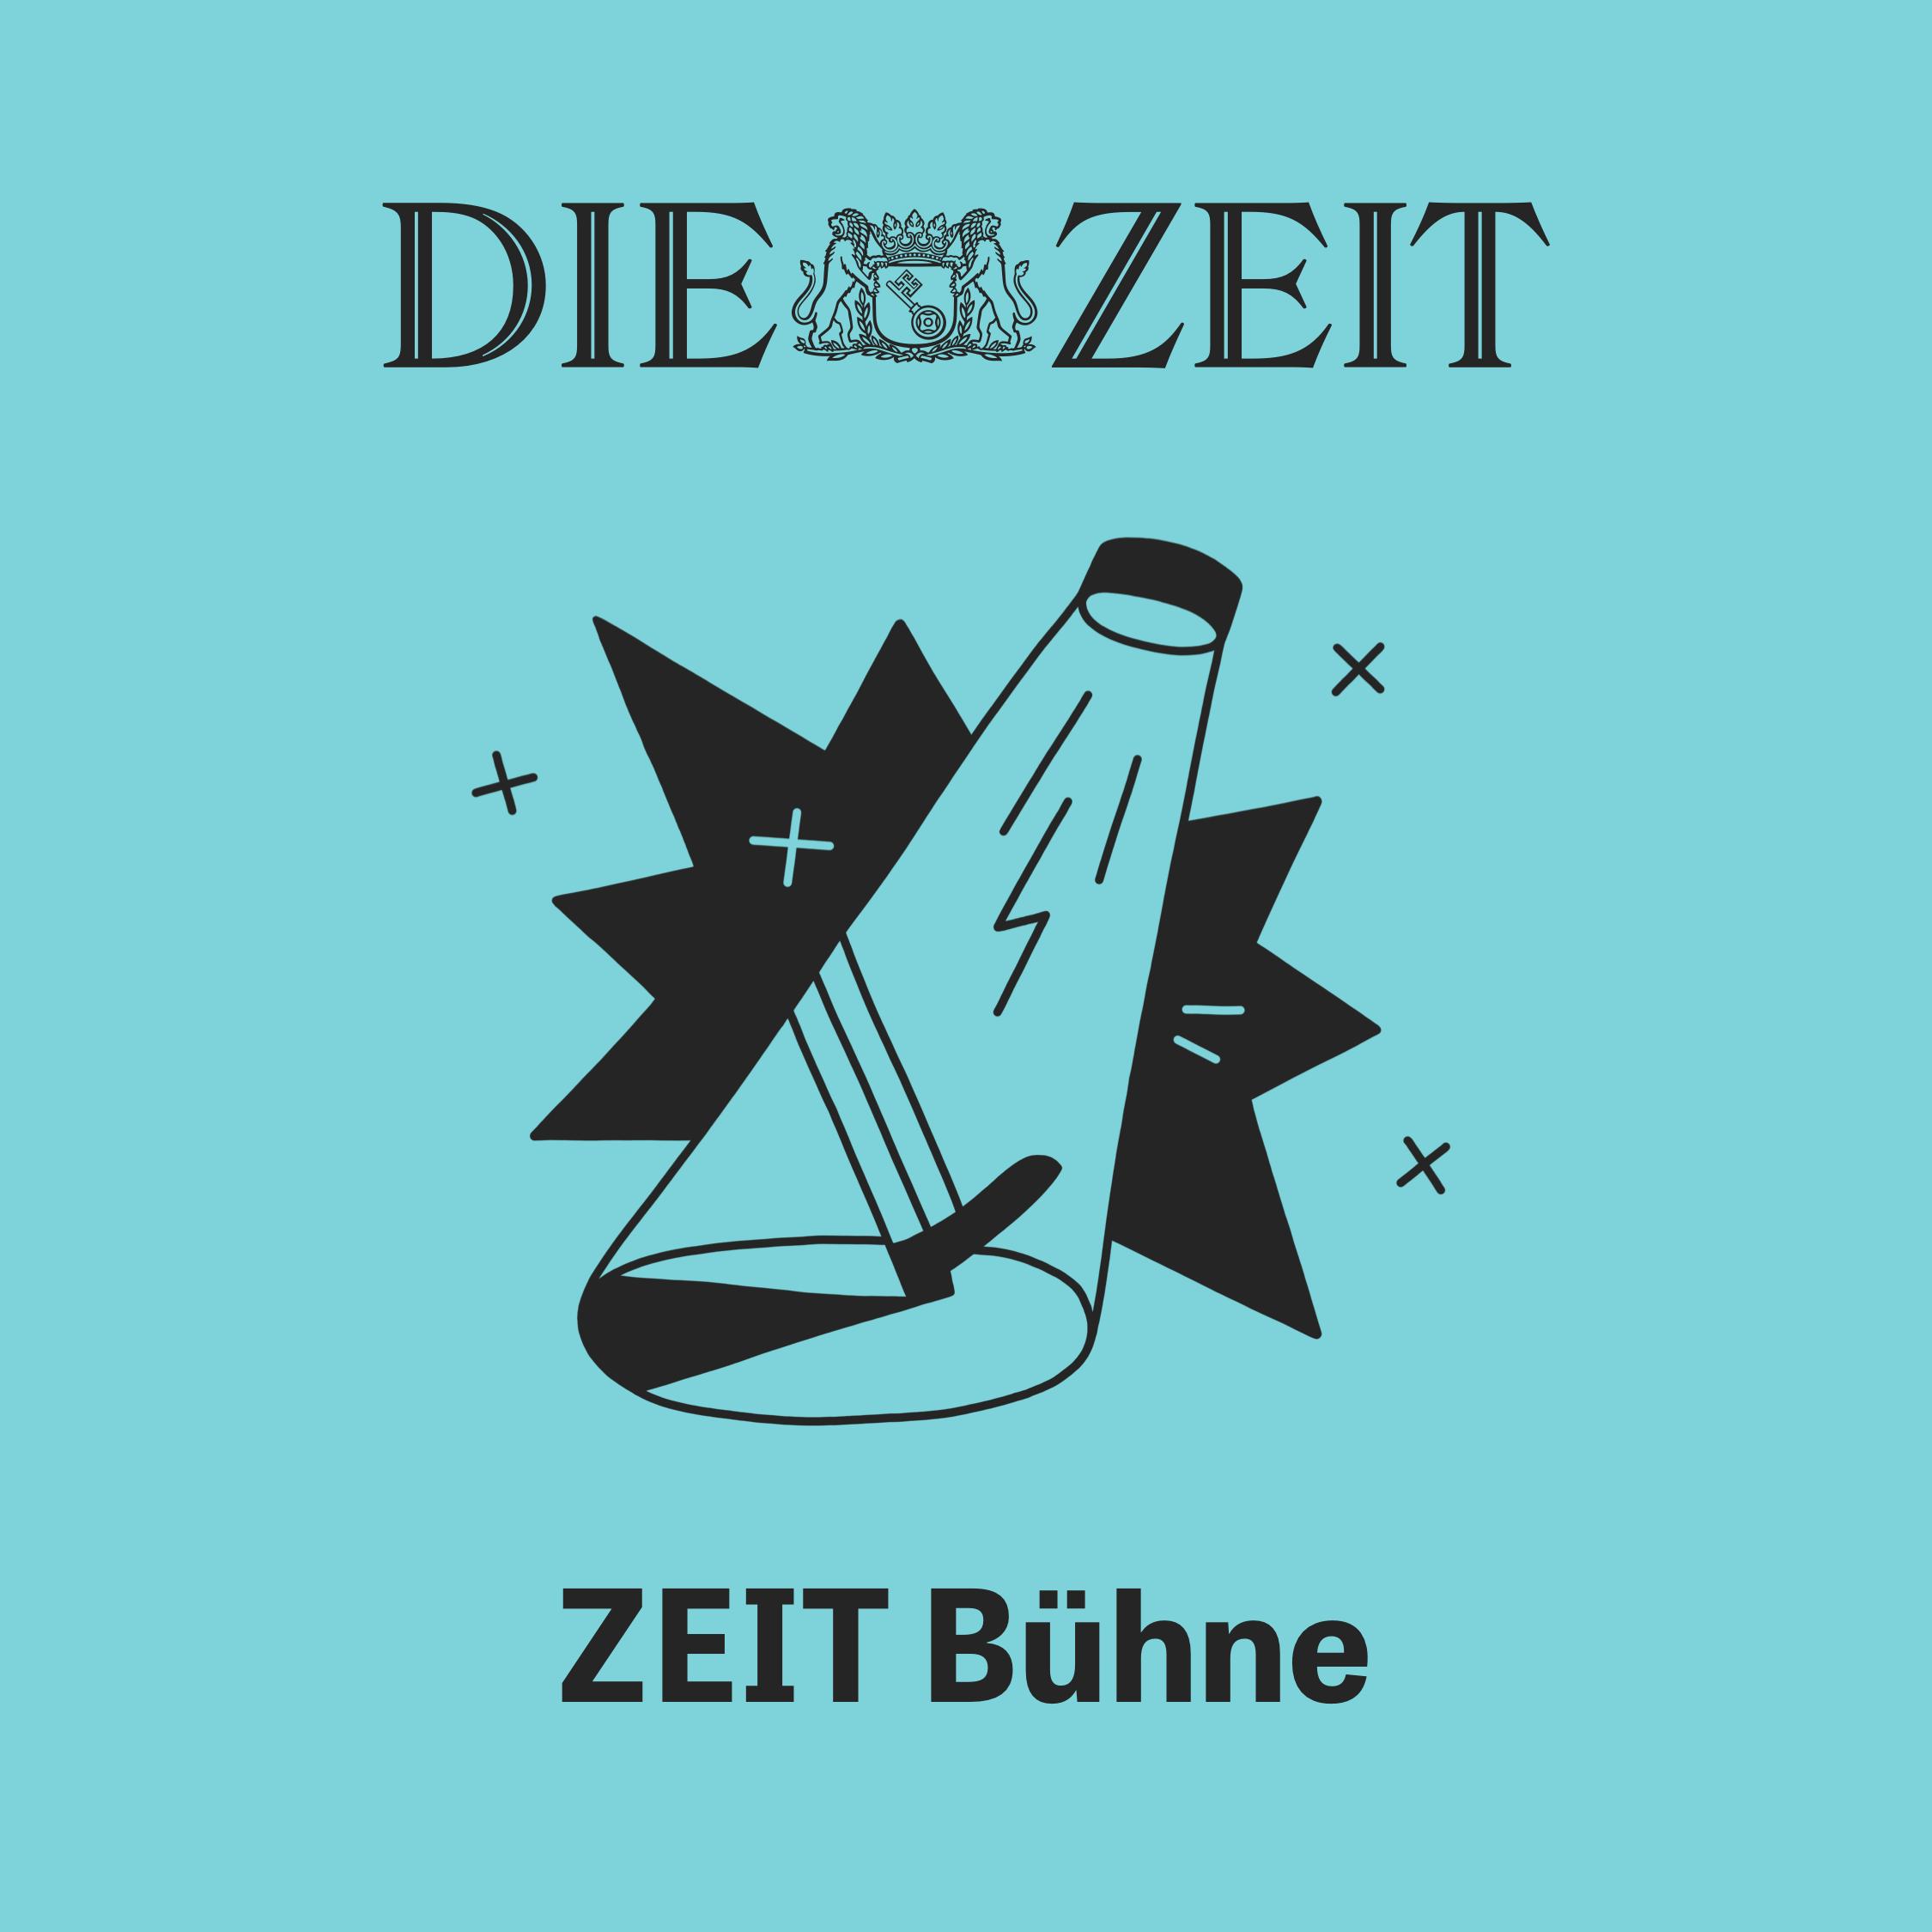 ZEIT Podcast – ZEIT BÜHNE